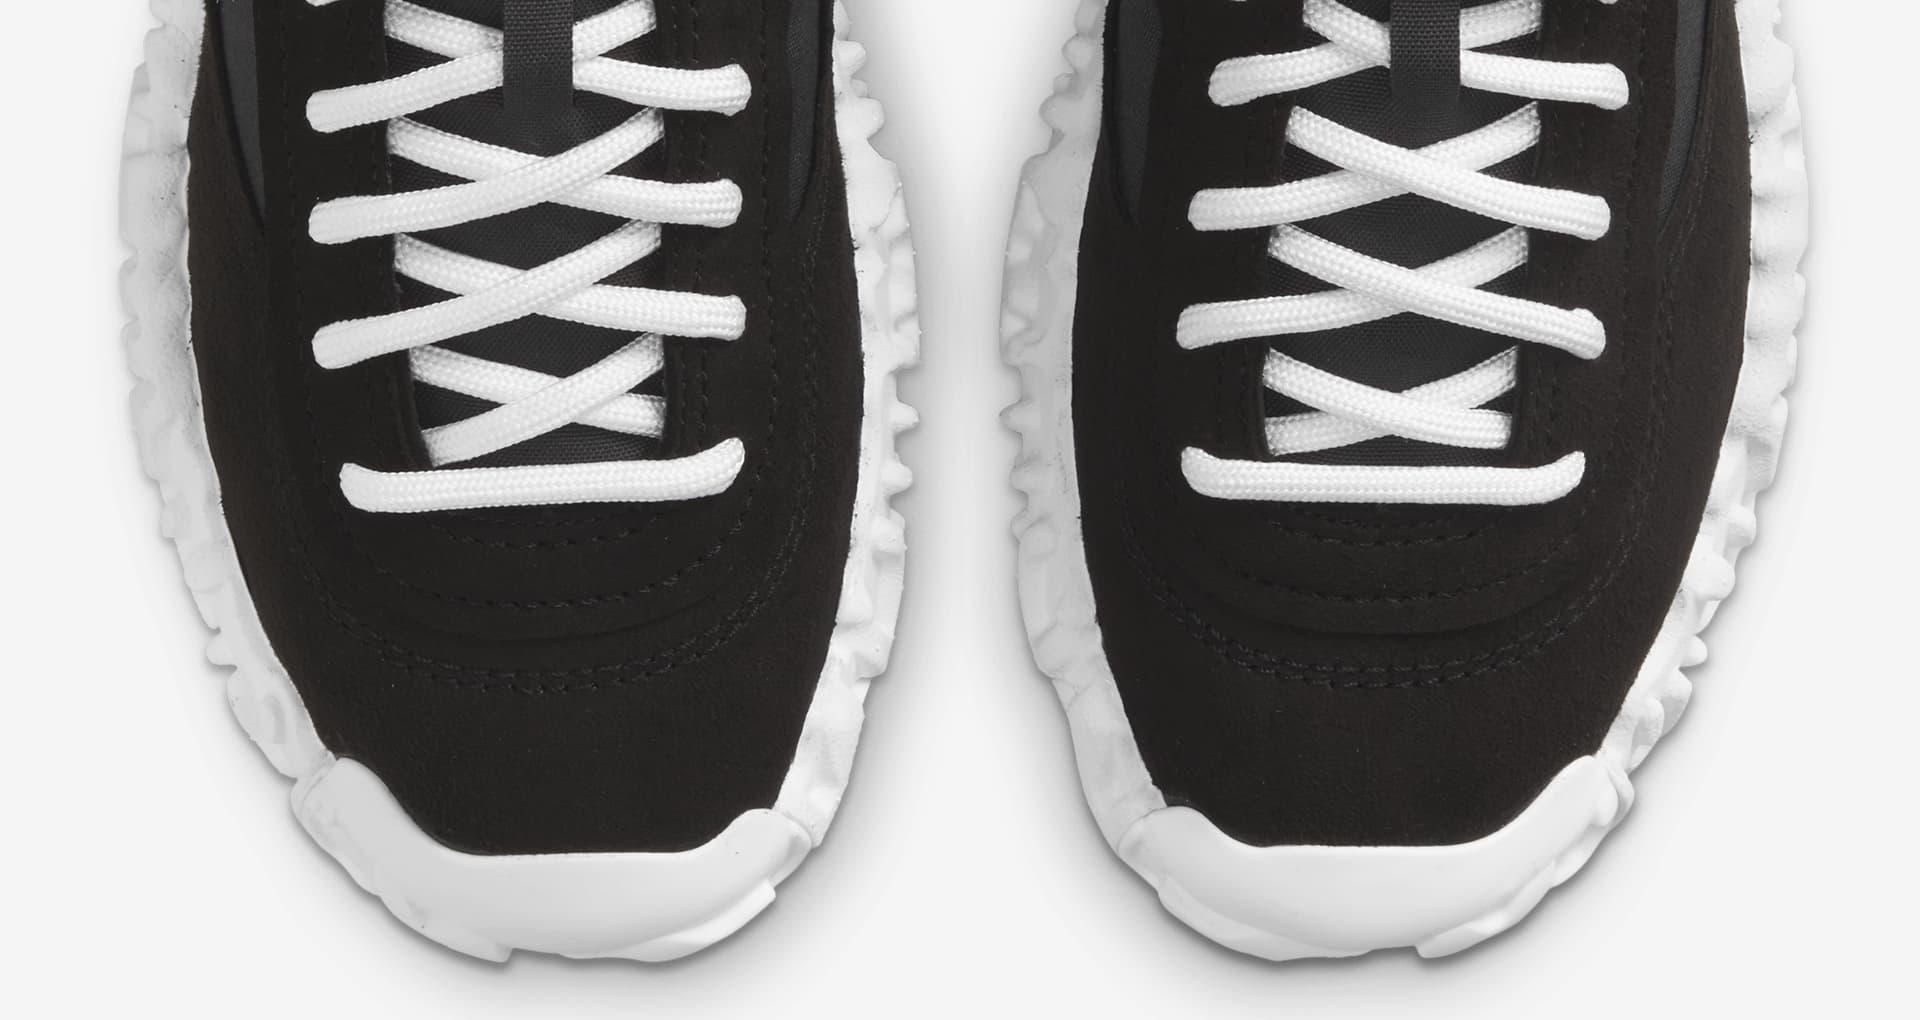 """ナイキ オーバーブレイク """"ブラック アンド ホワイト"""" nike-overbreak-2-colors-black-and-white-dc3041-002-toe"""